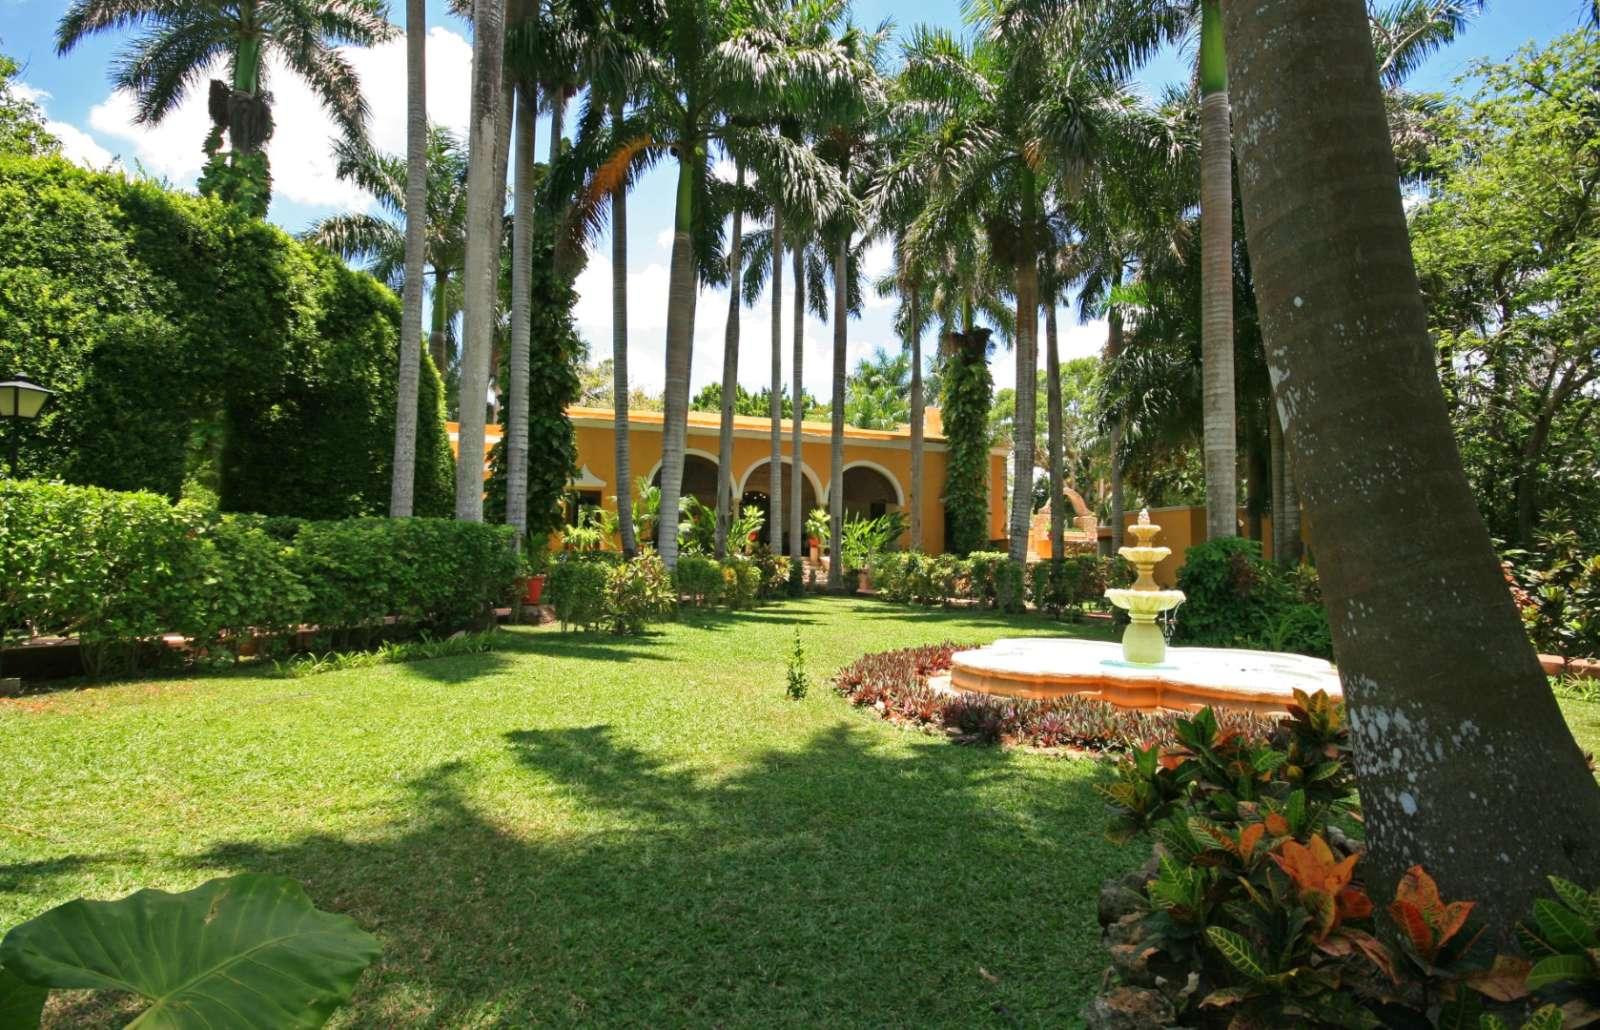 Hacienda Chichen Itza garden